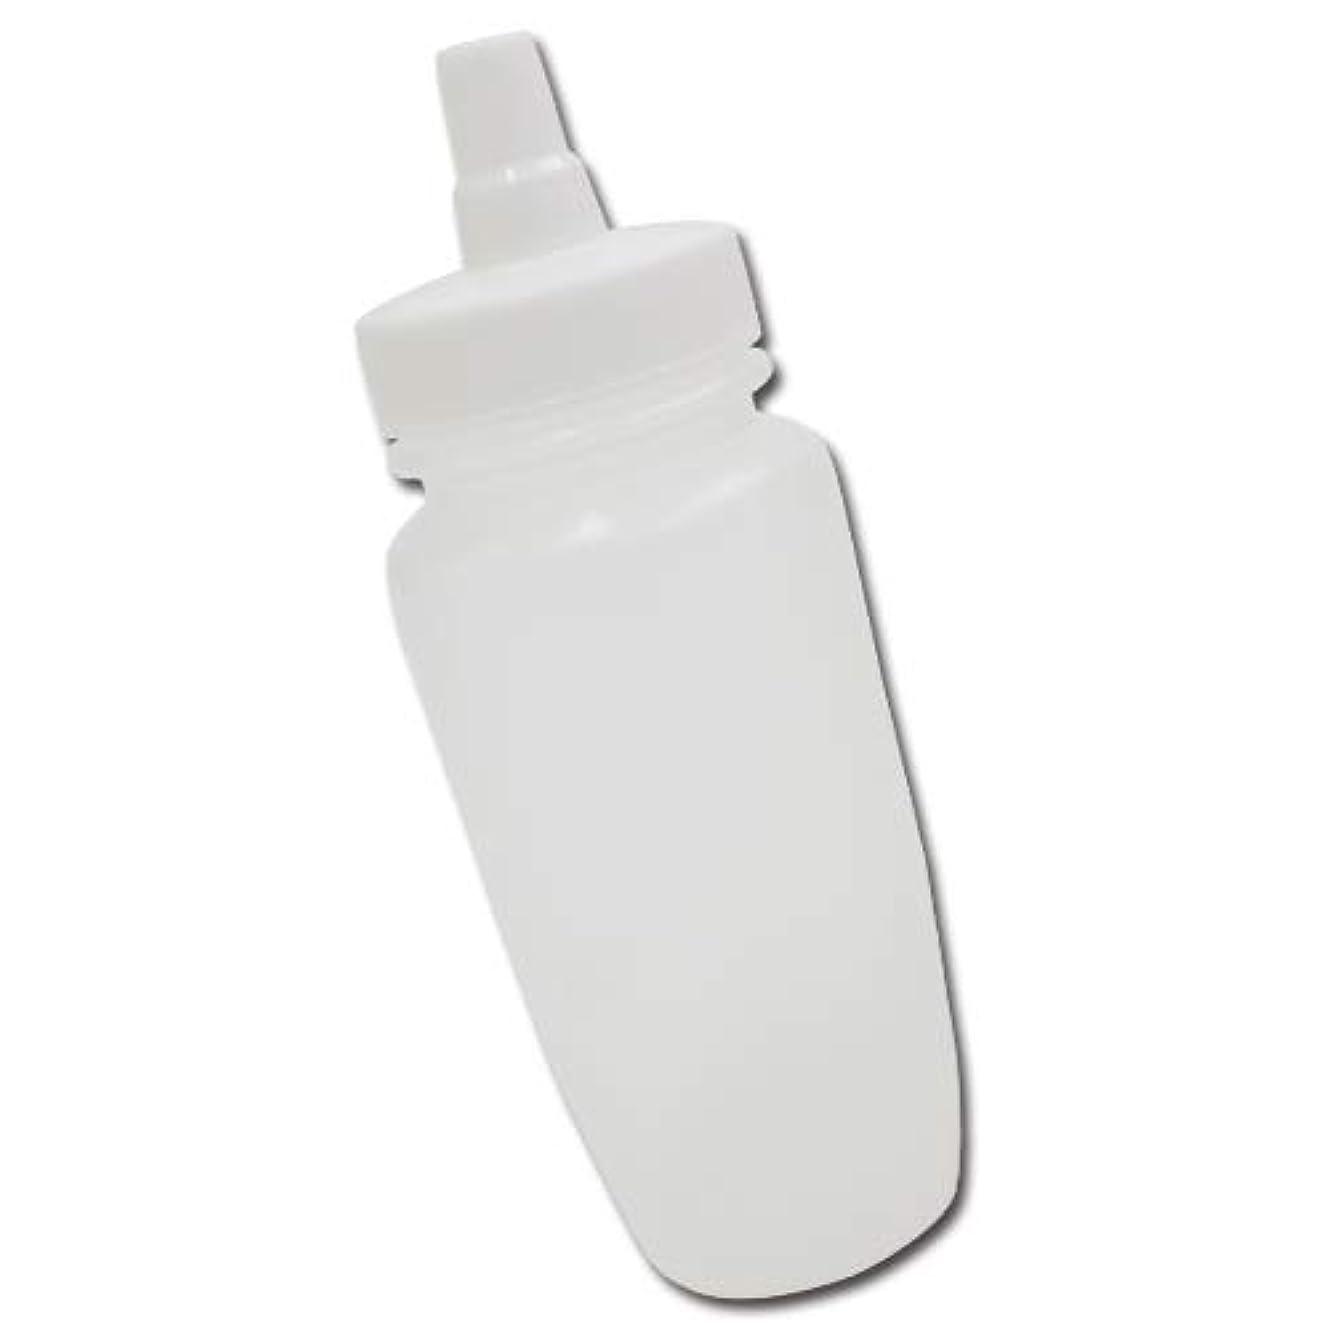 考案するロータリーピンポイントはちみつ容器180ml(ホワイトキャップ)│業務用ローションや調味料の小分けに詰め替え用ハチミツ容器(蜂蜜容器)はちみつボトル